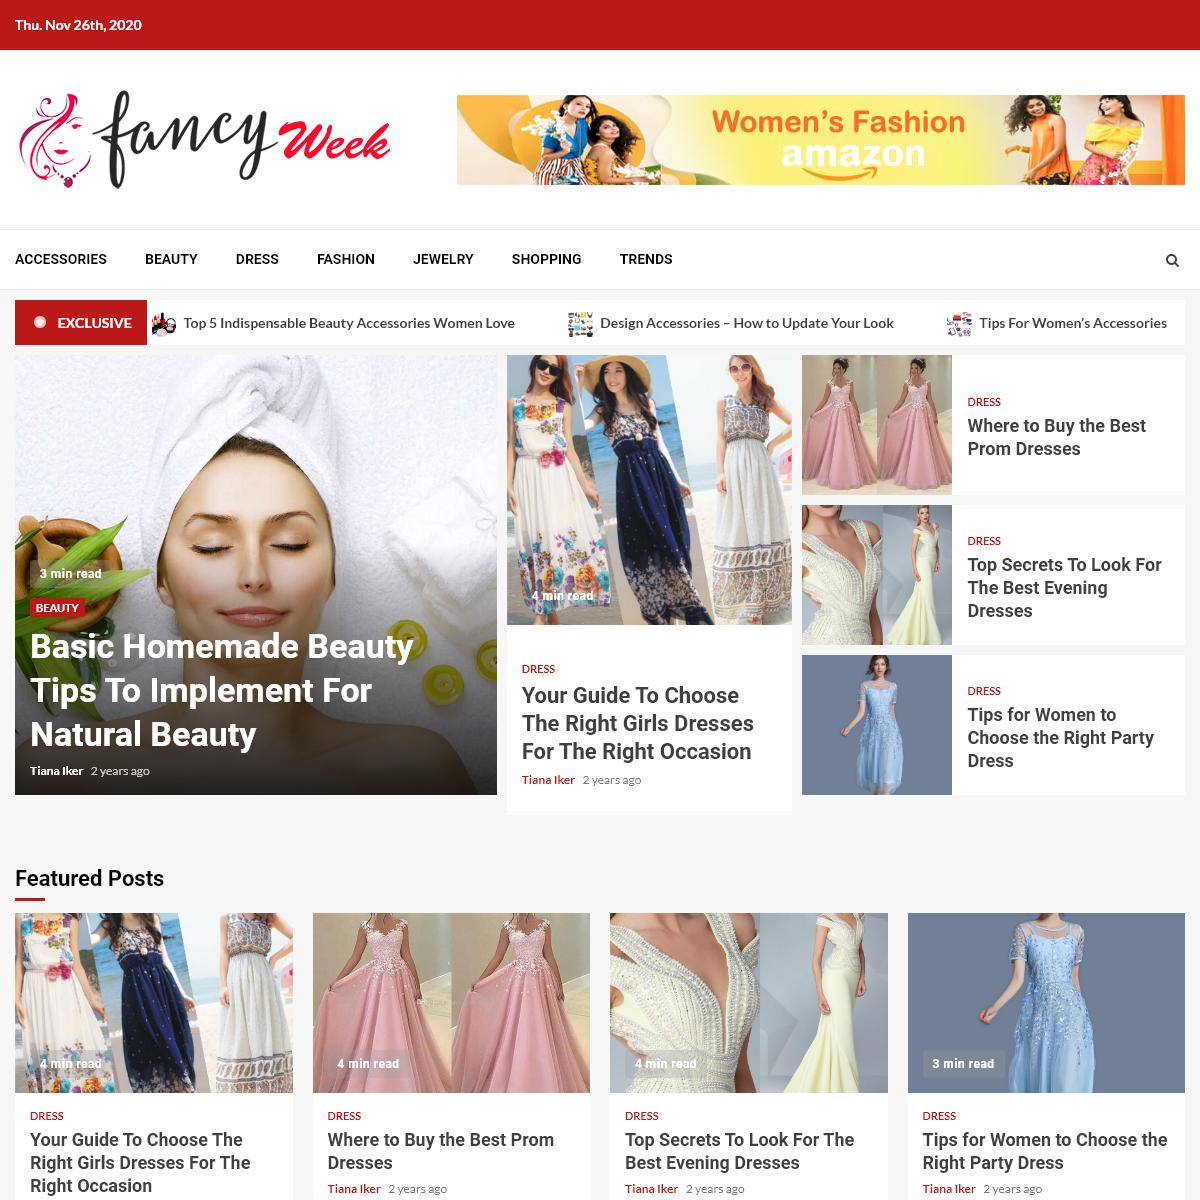 Fancy Week – Fashion Blog